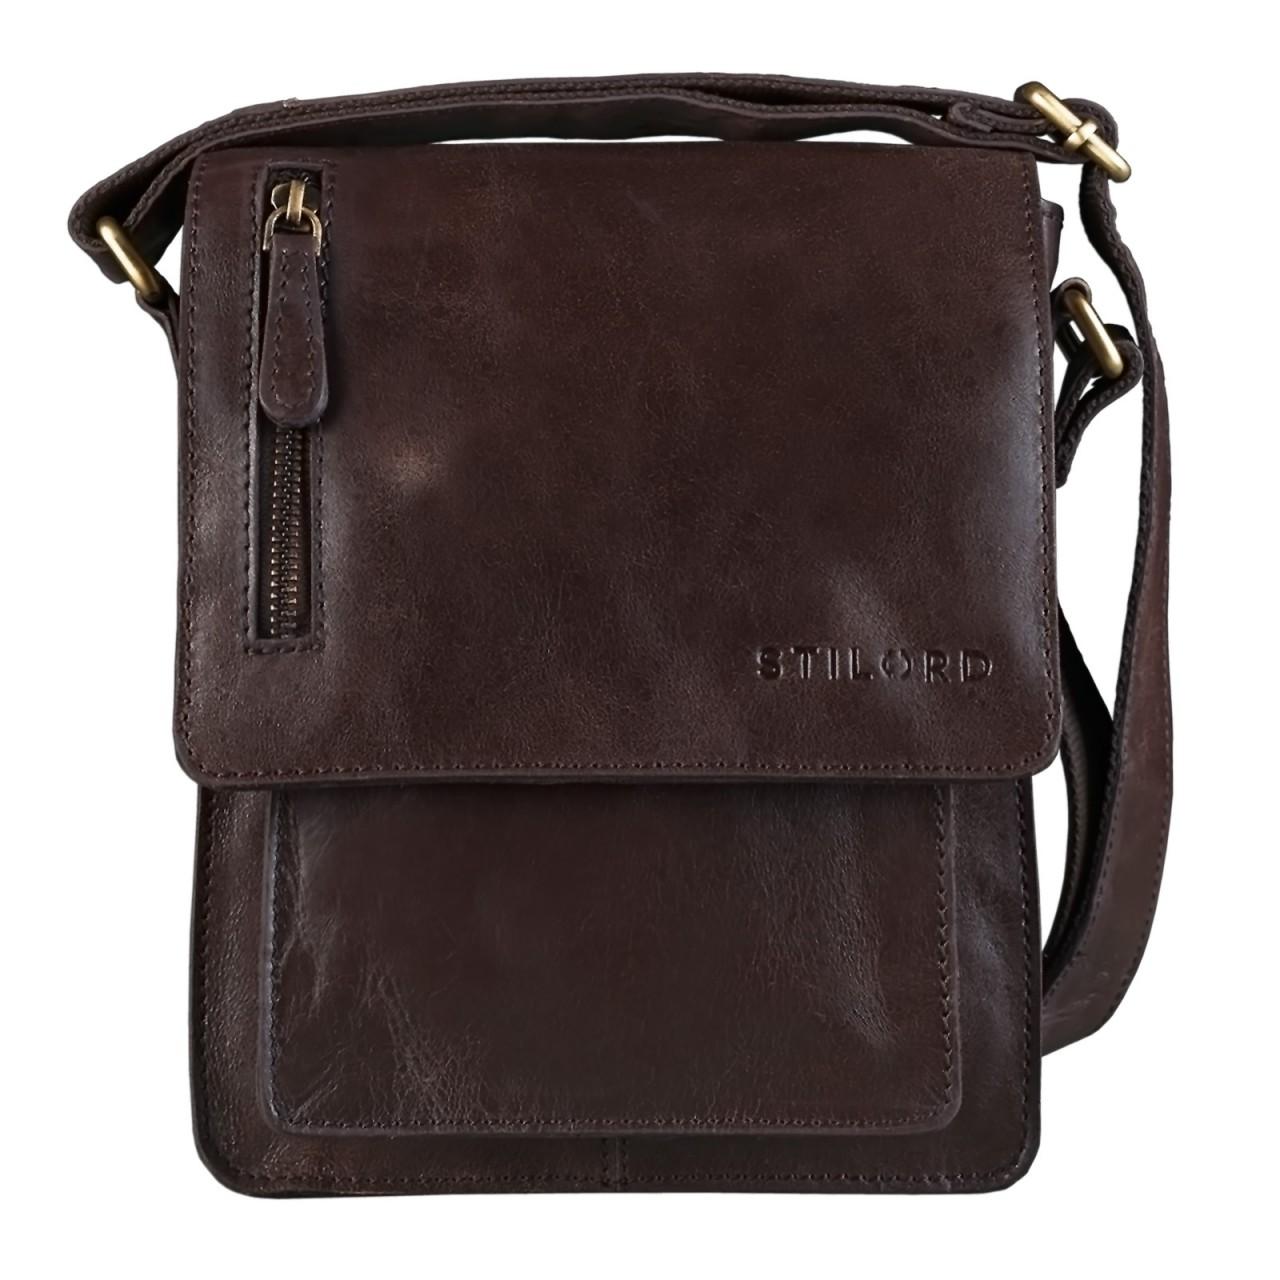 """STILORD """"Finn"""" kleine Umhängetasche Herren Schultertasche Vintage Messenger Bag 8,4 Zoll Tablettasche echtes Büffel-Leder  - Bild 9"""